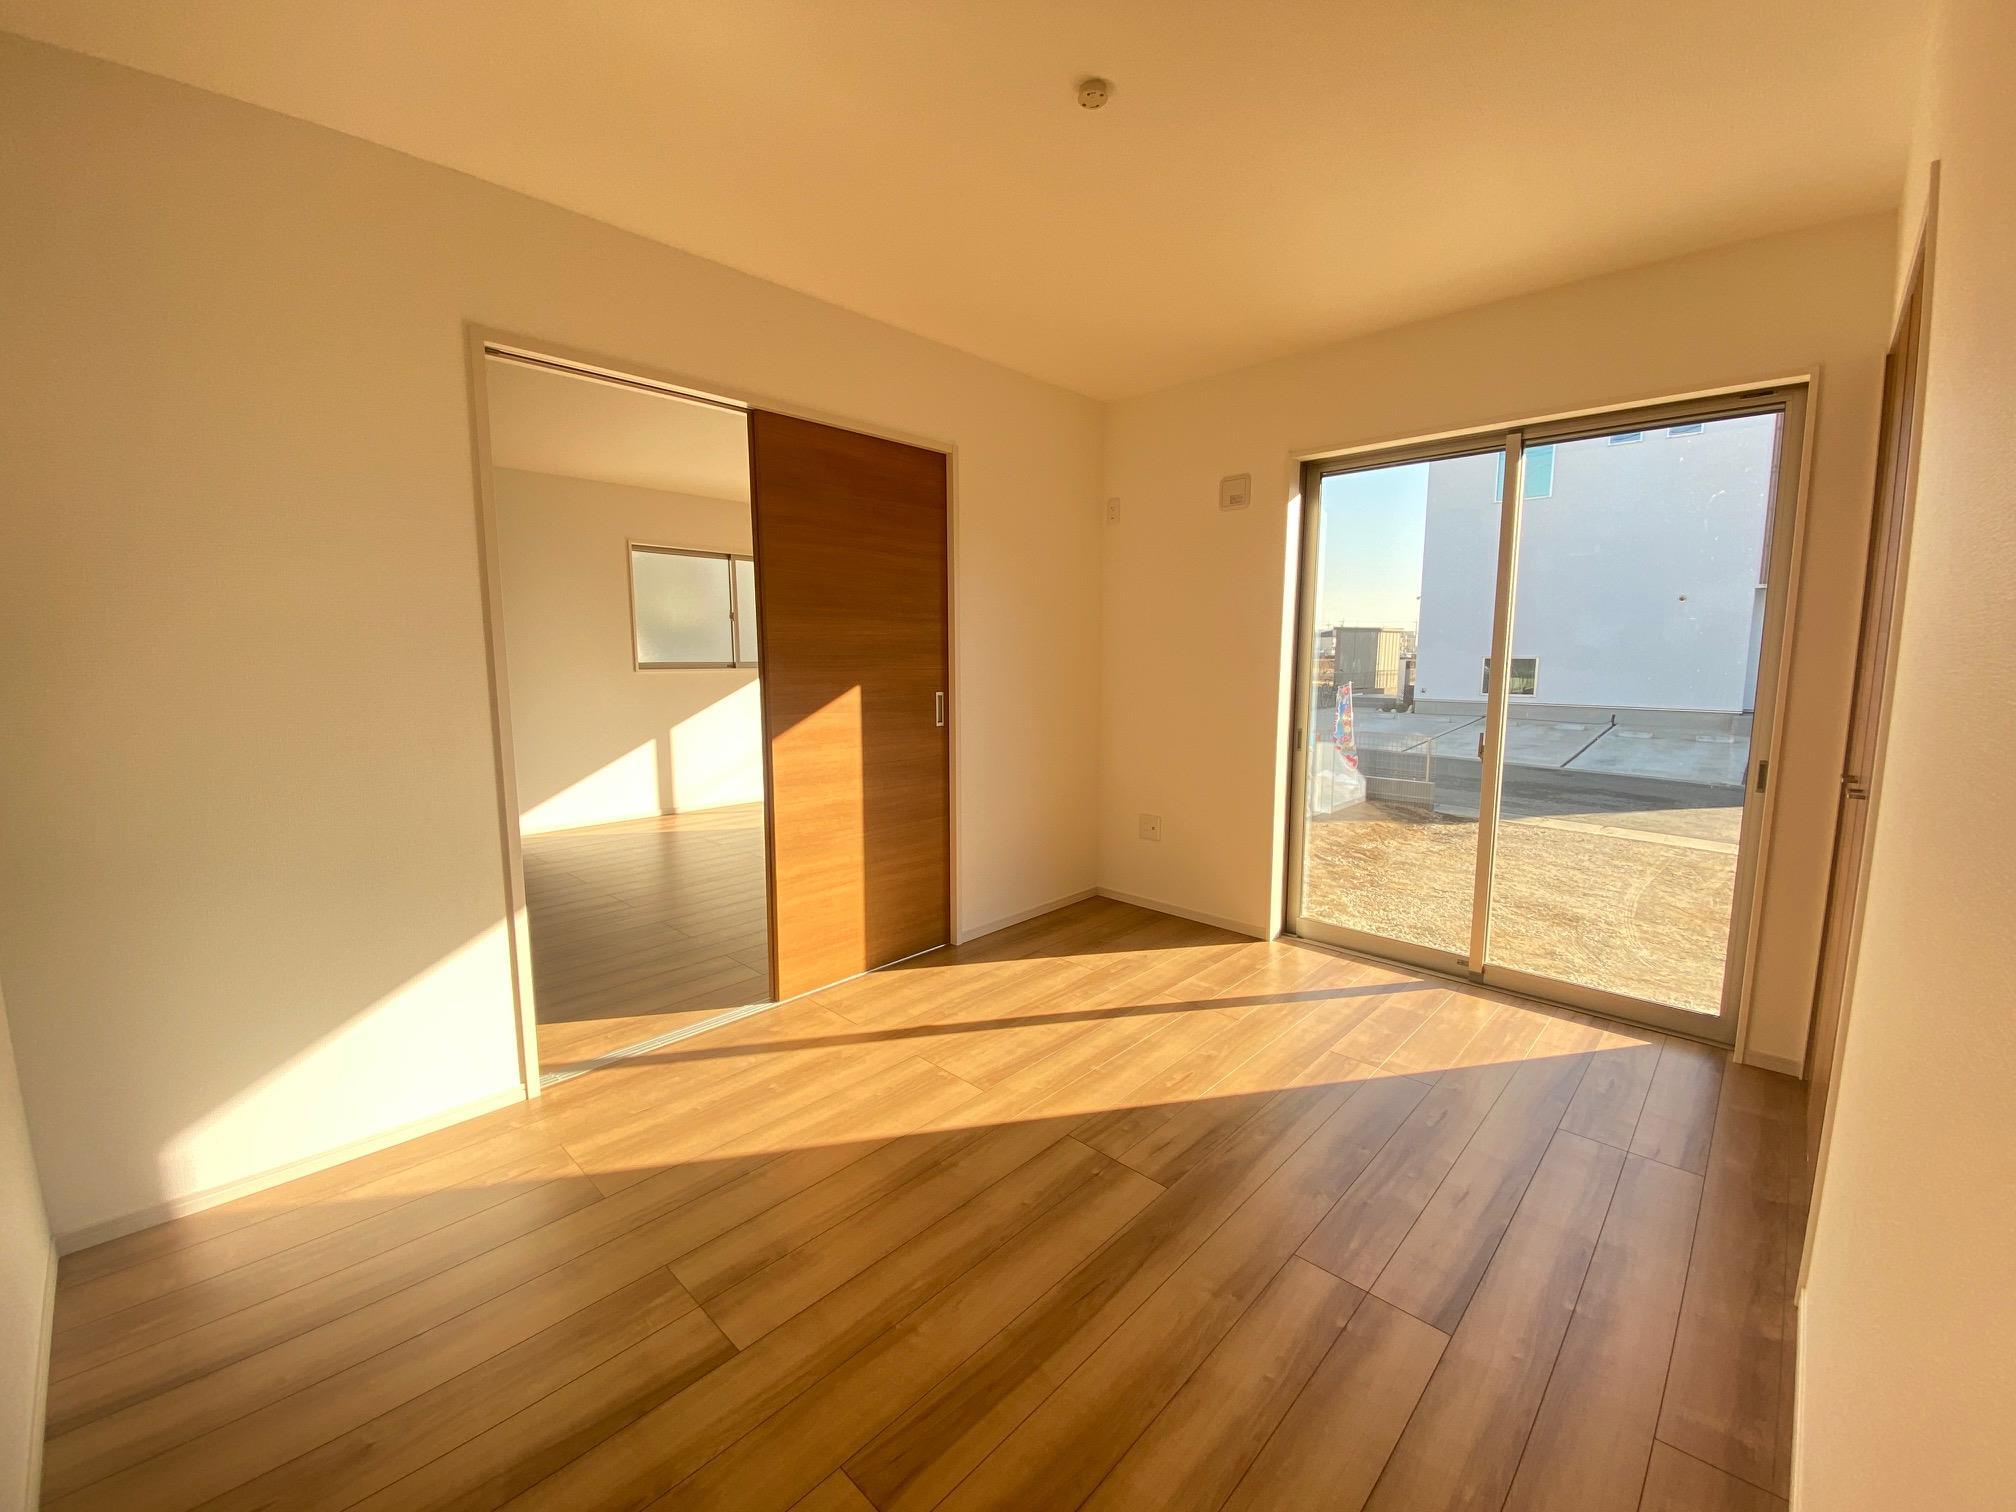 リビング以外の居室*1階洋室|リビングと続き間の洋室です。2WAY入口なのでリビングを通らず出入りが可能です♪(2021年2月撮影)